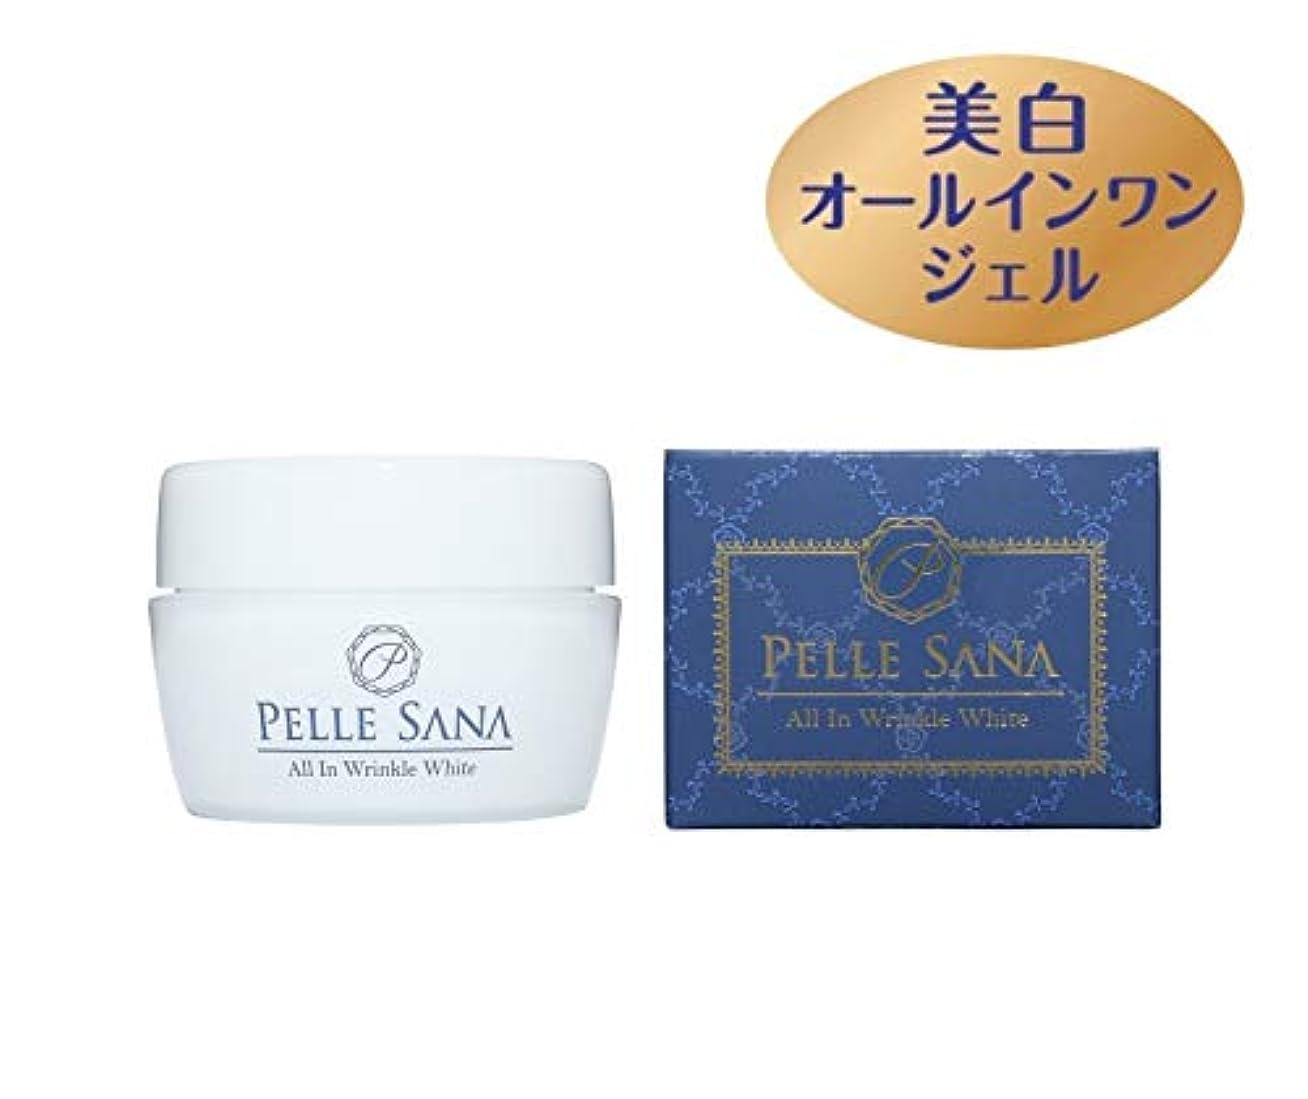 ヒョウ受け継ぐ排除【薬用オールインワンジェル】PELLE SANA (ペレサナ) All In Winkle White 100g